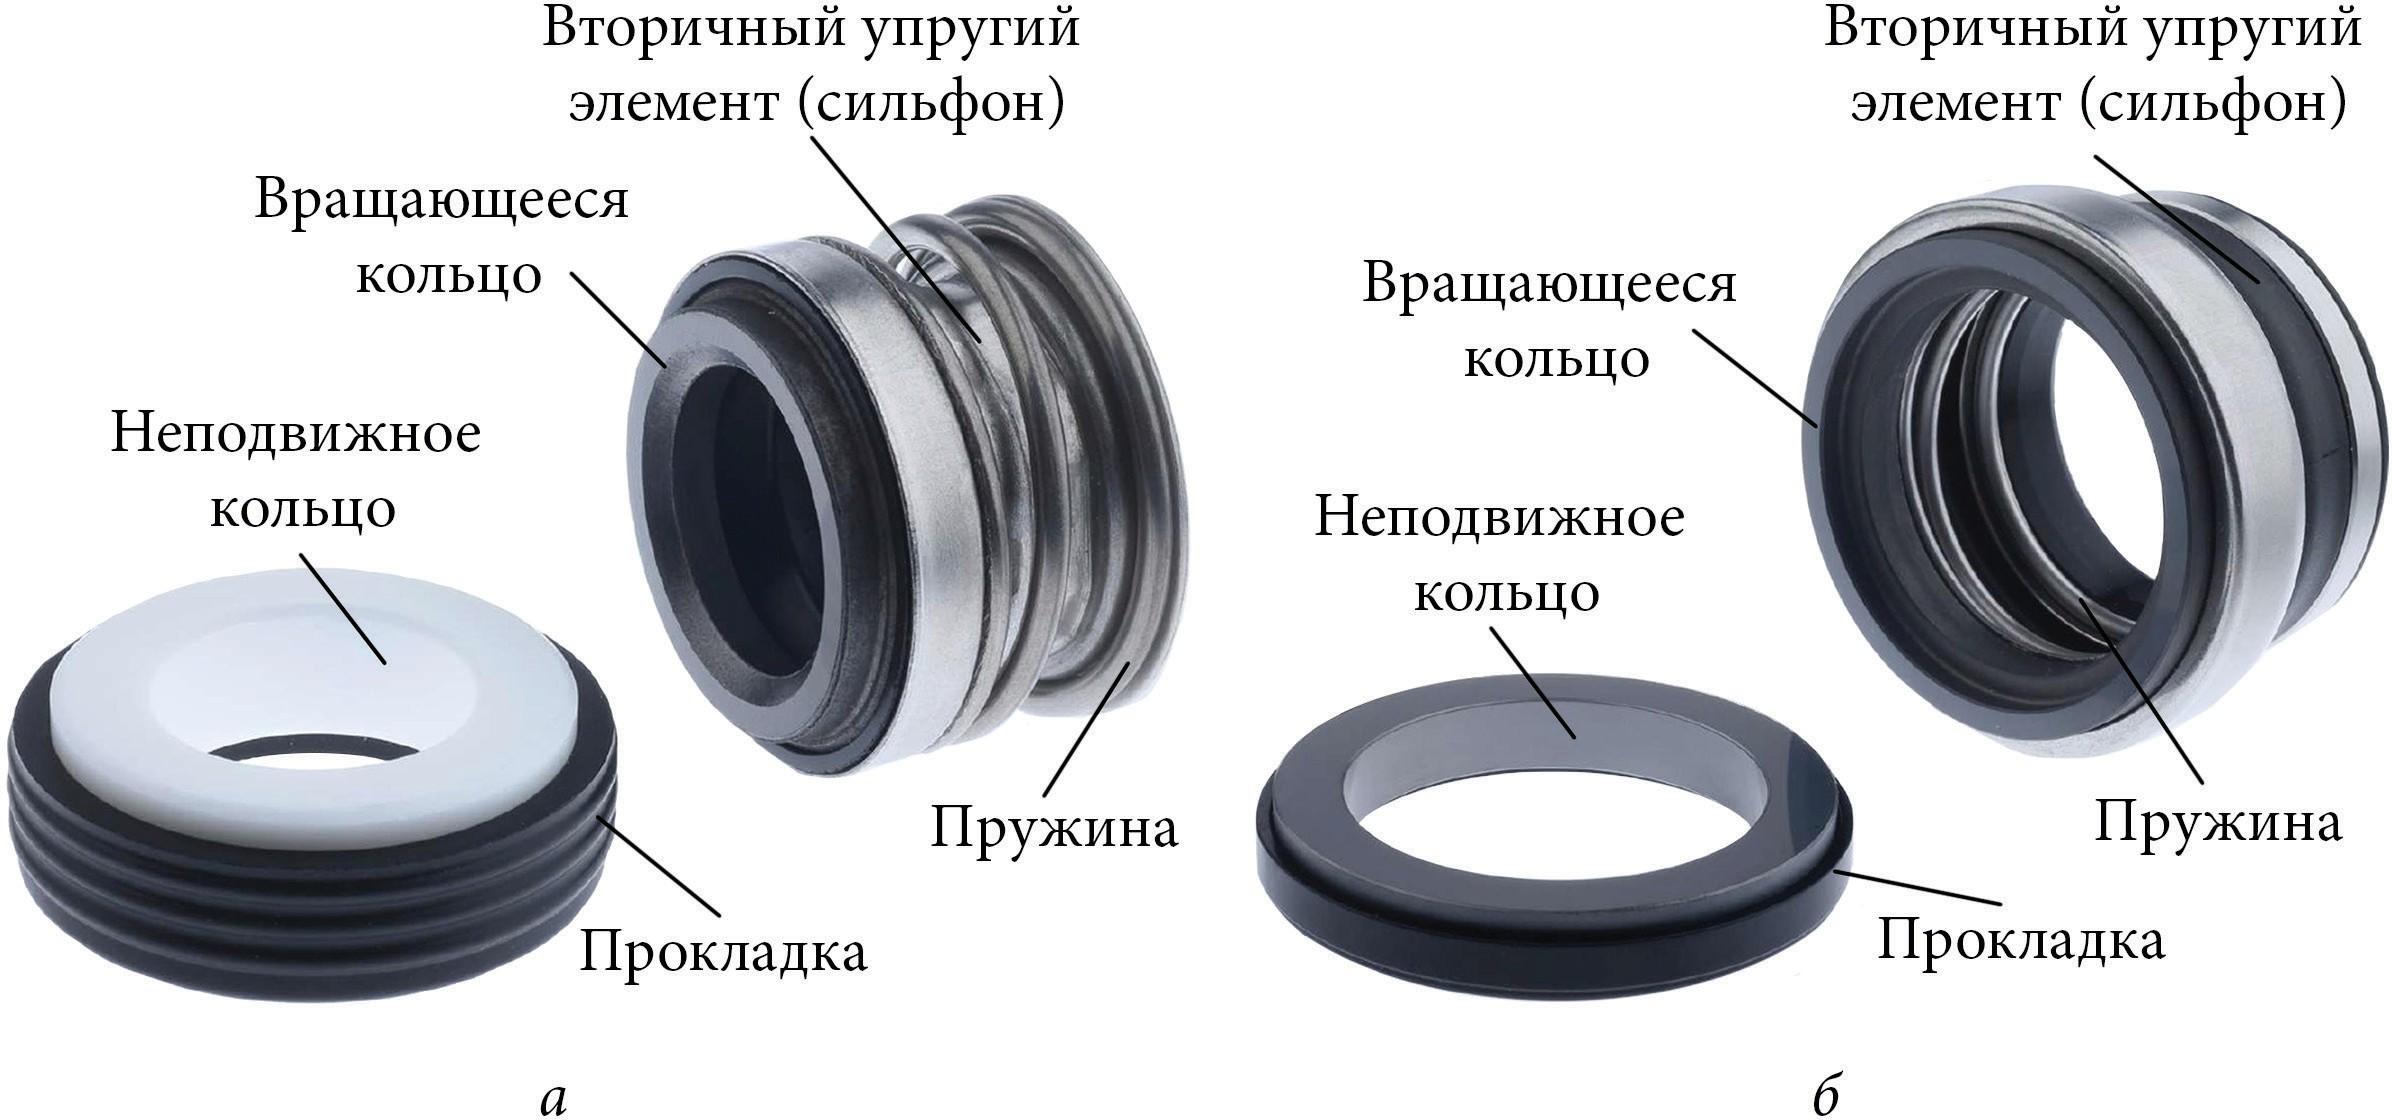 торцовые уплотнения центробежных насосов